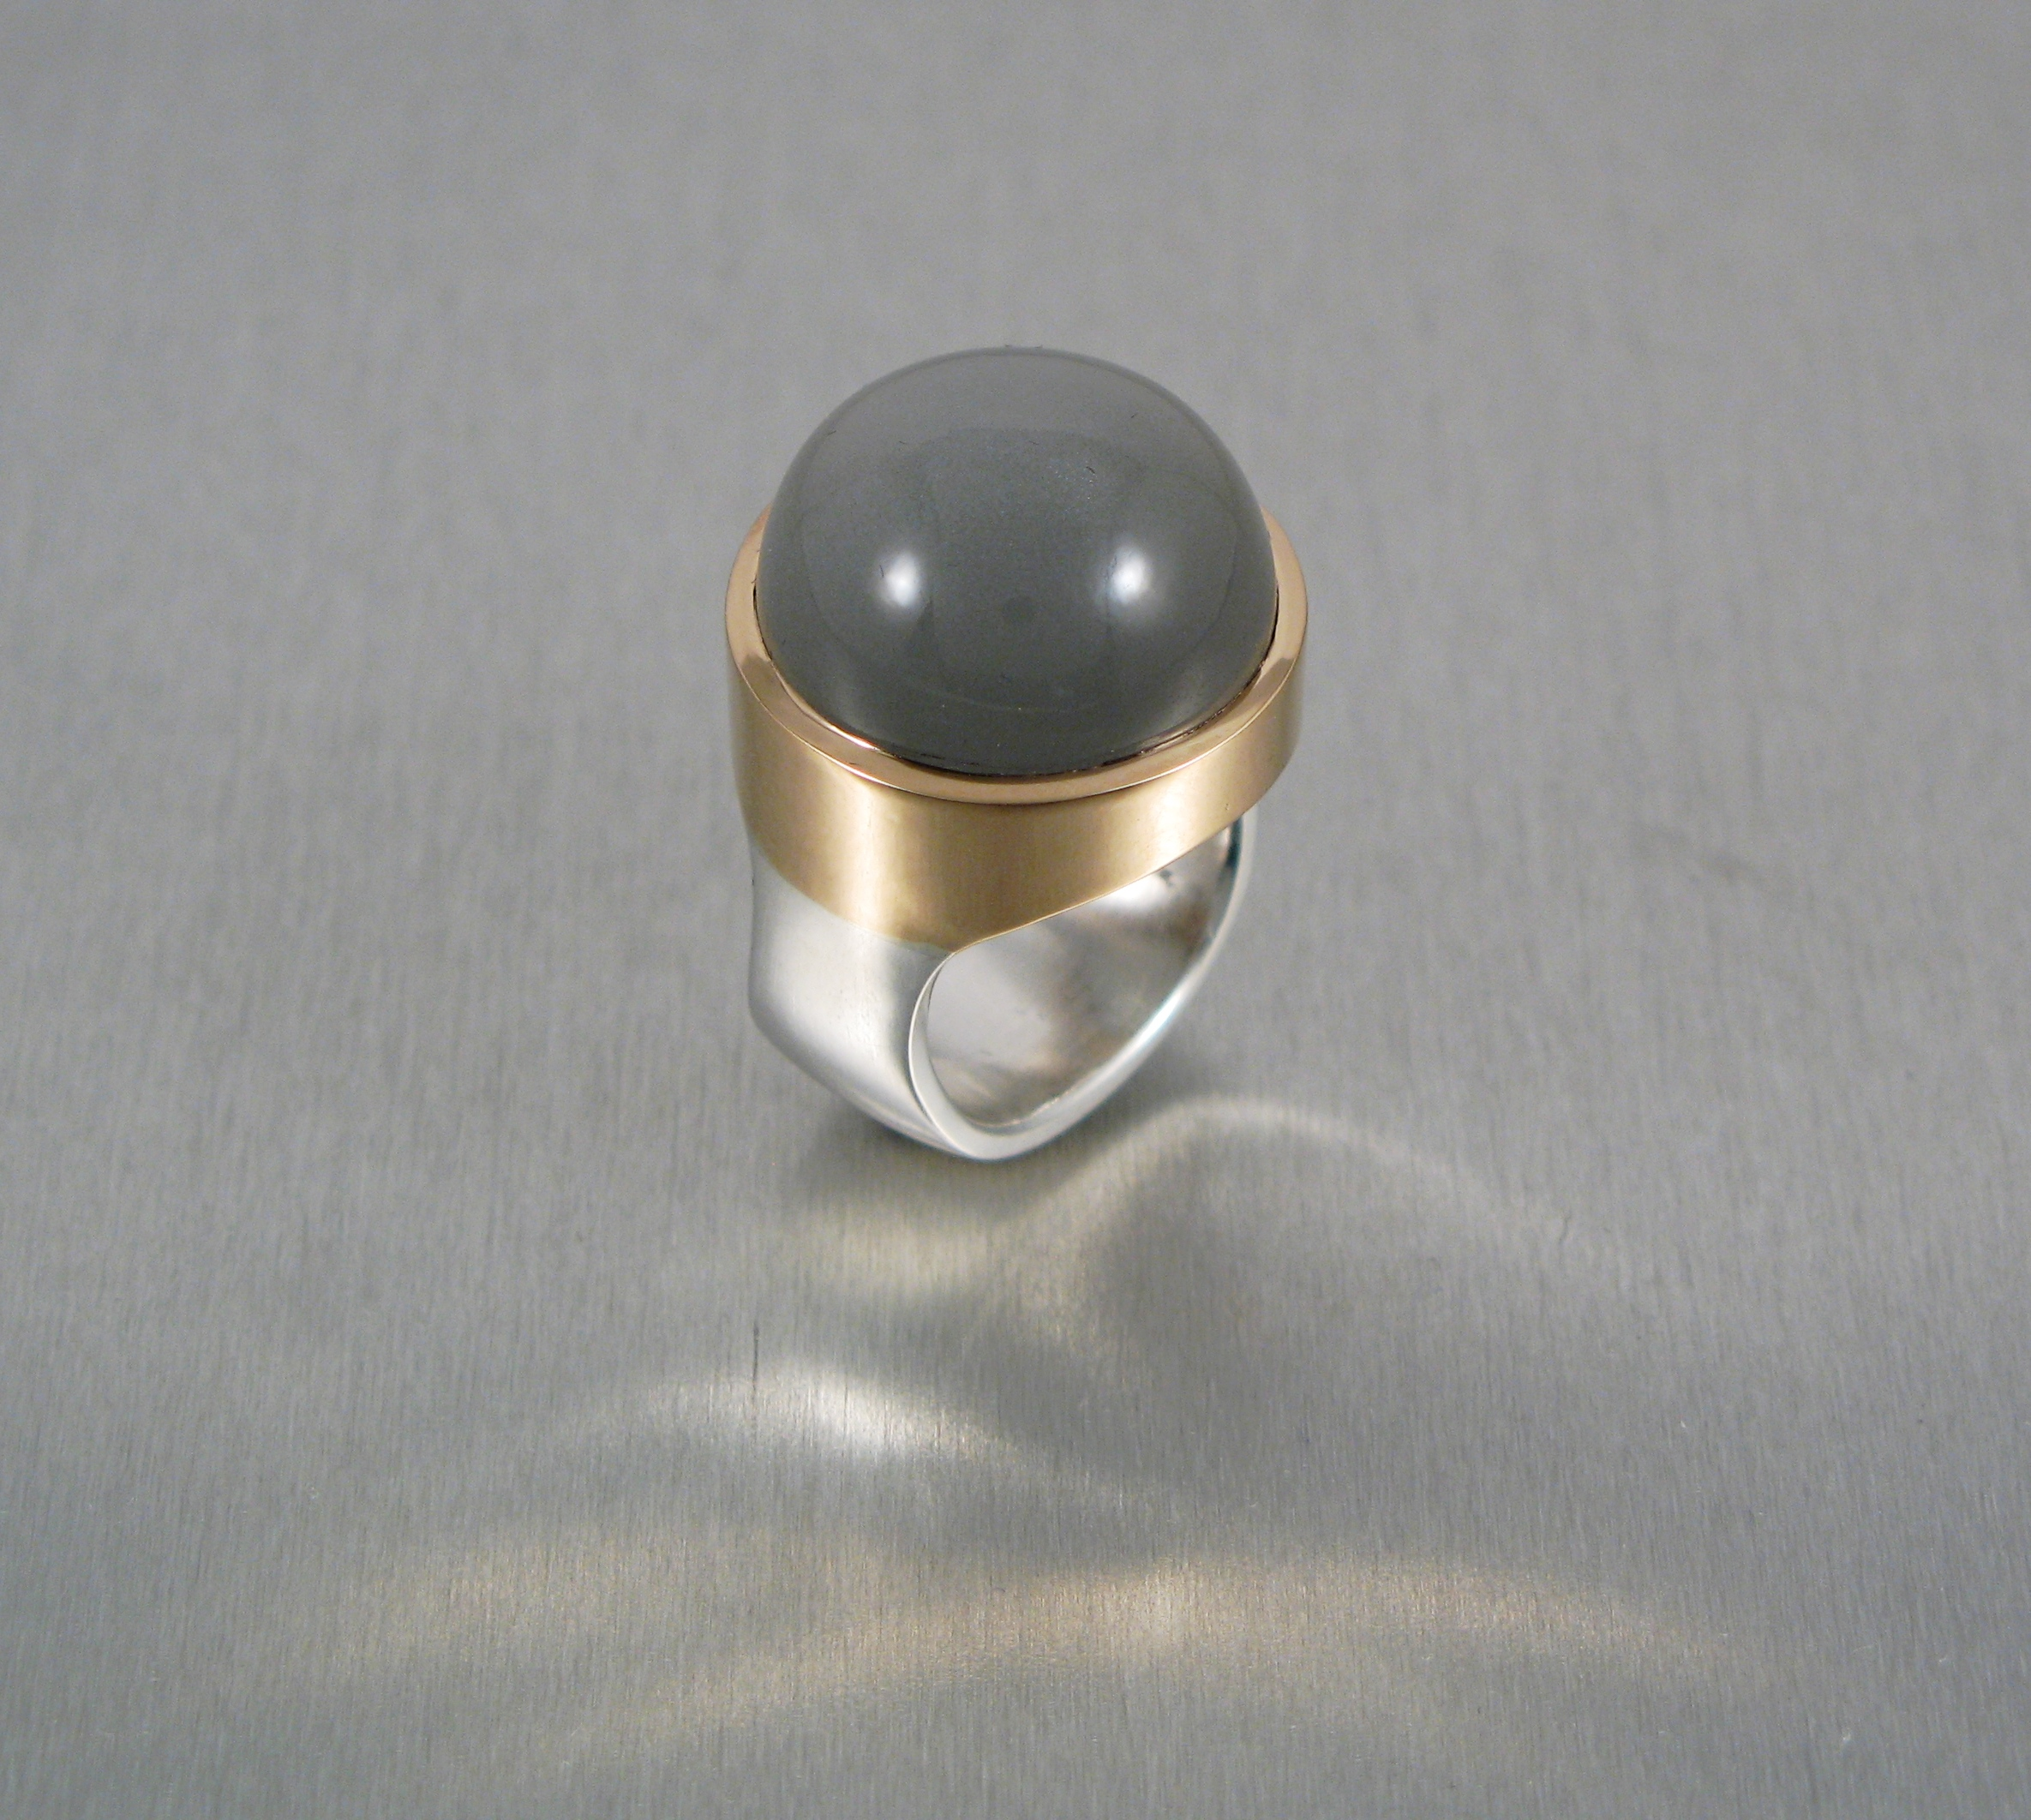 Ring, silver, guld och månsten.